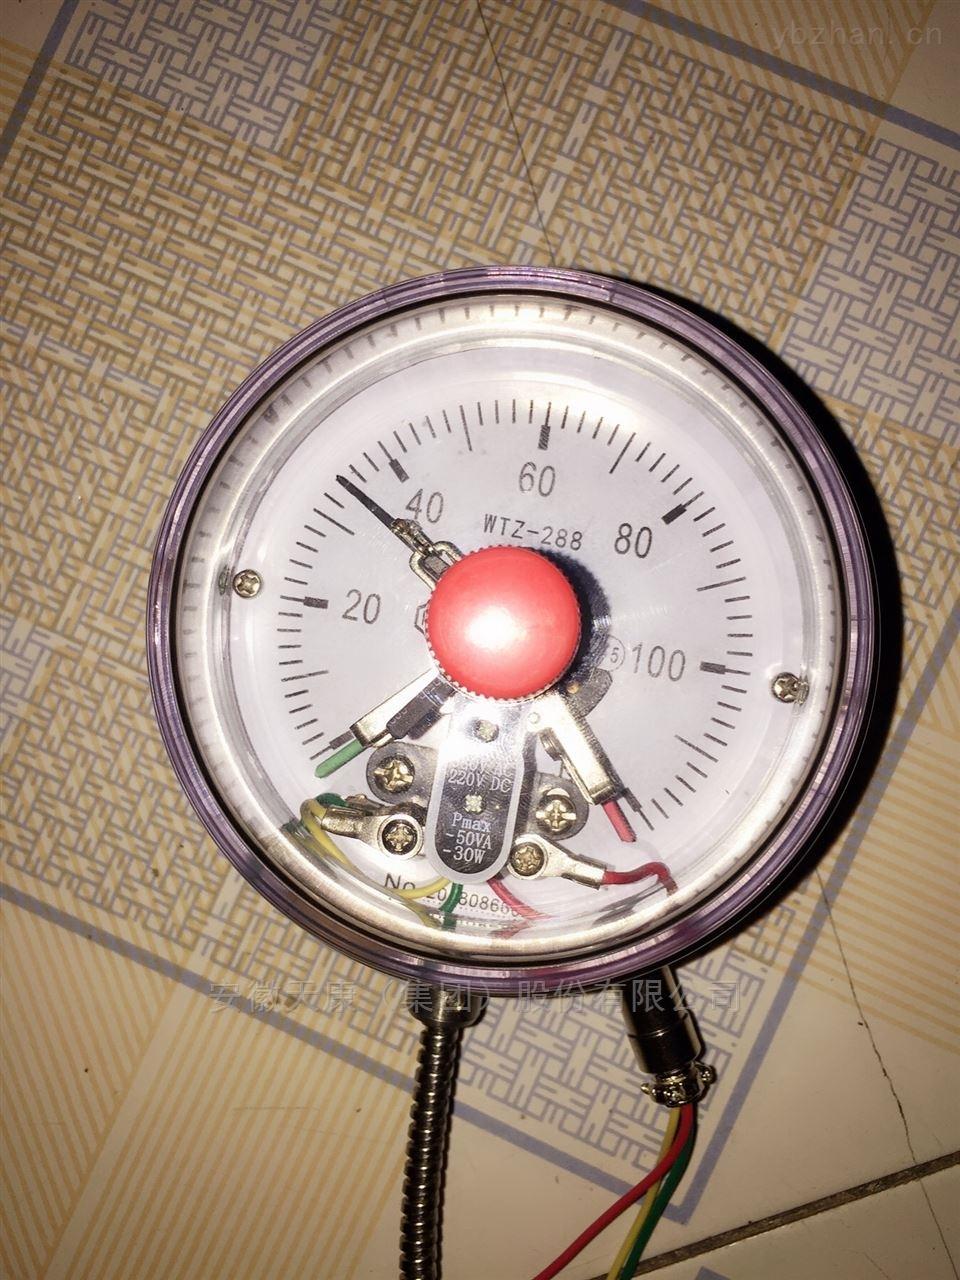 压力式温度计WTZ-288